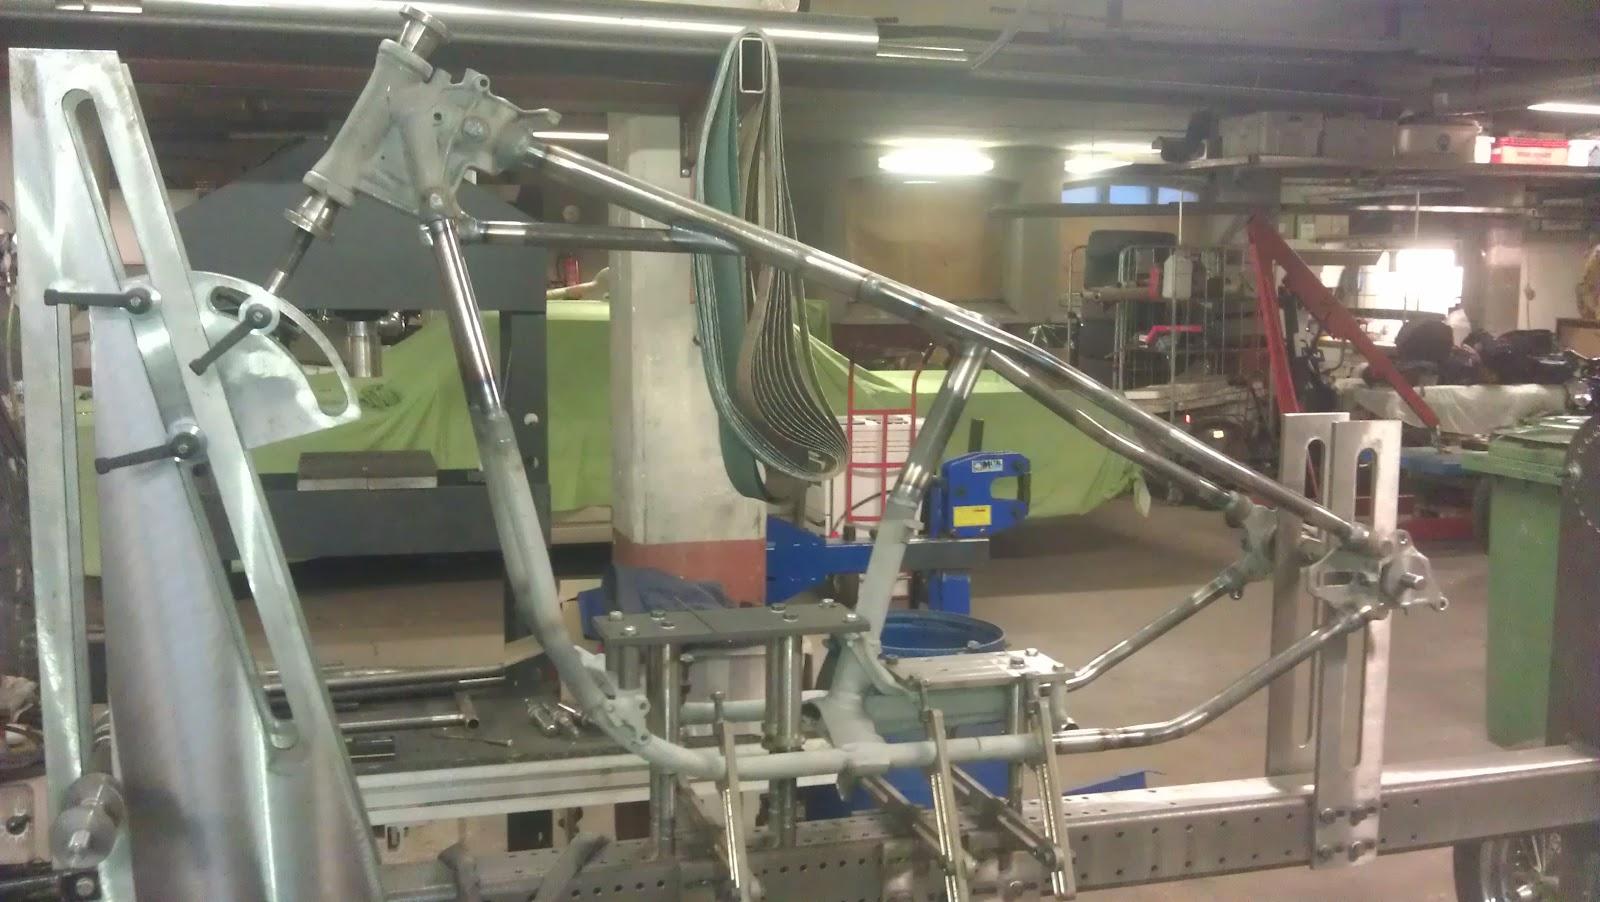 SnowFlake Customs: Shovelhead Frame work